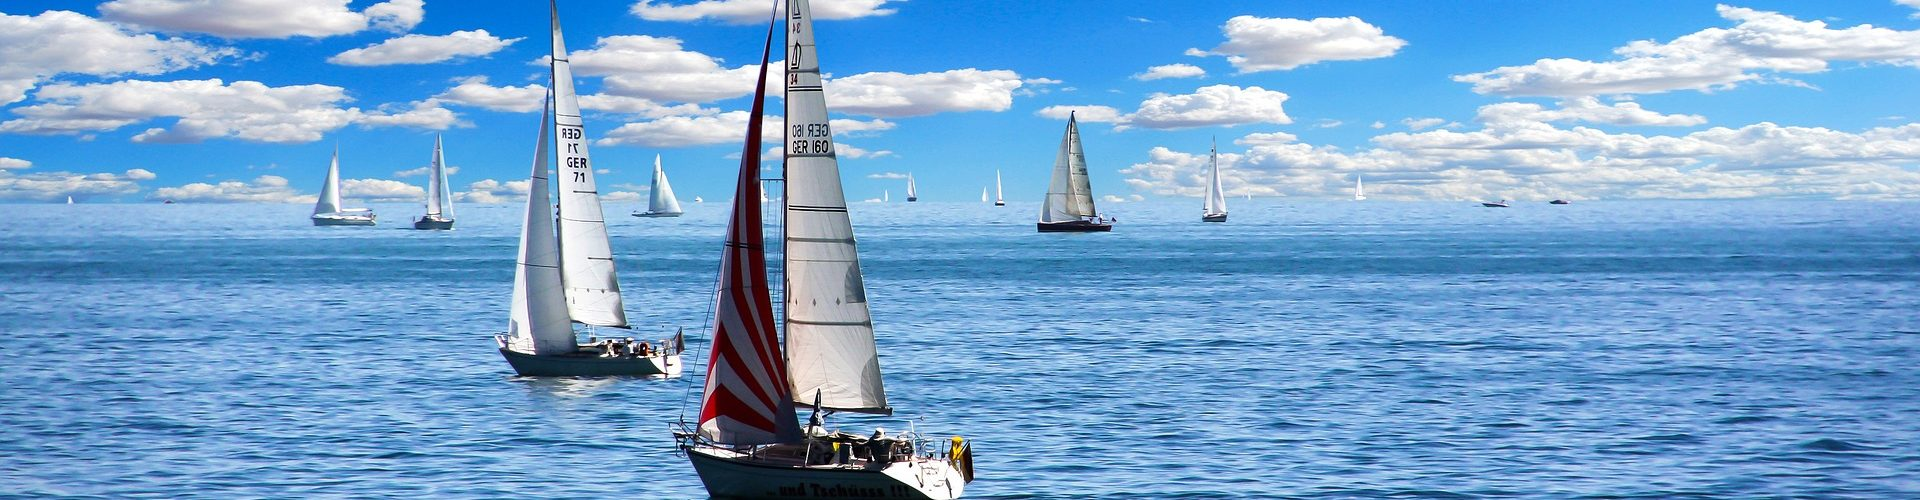 segeln lernen in Damme segelschein machen in Damme 1920x500 - Segeln lernen in Damme